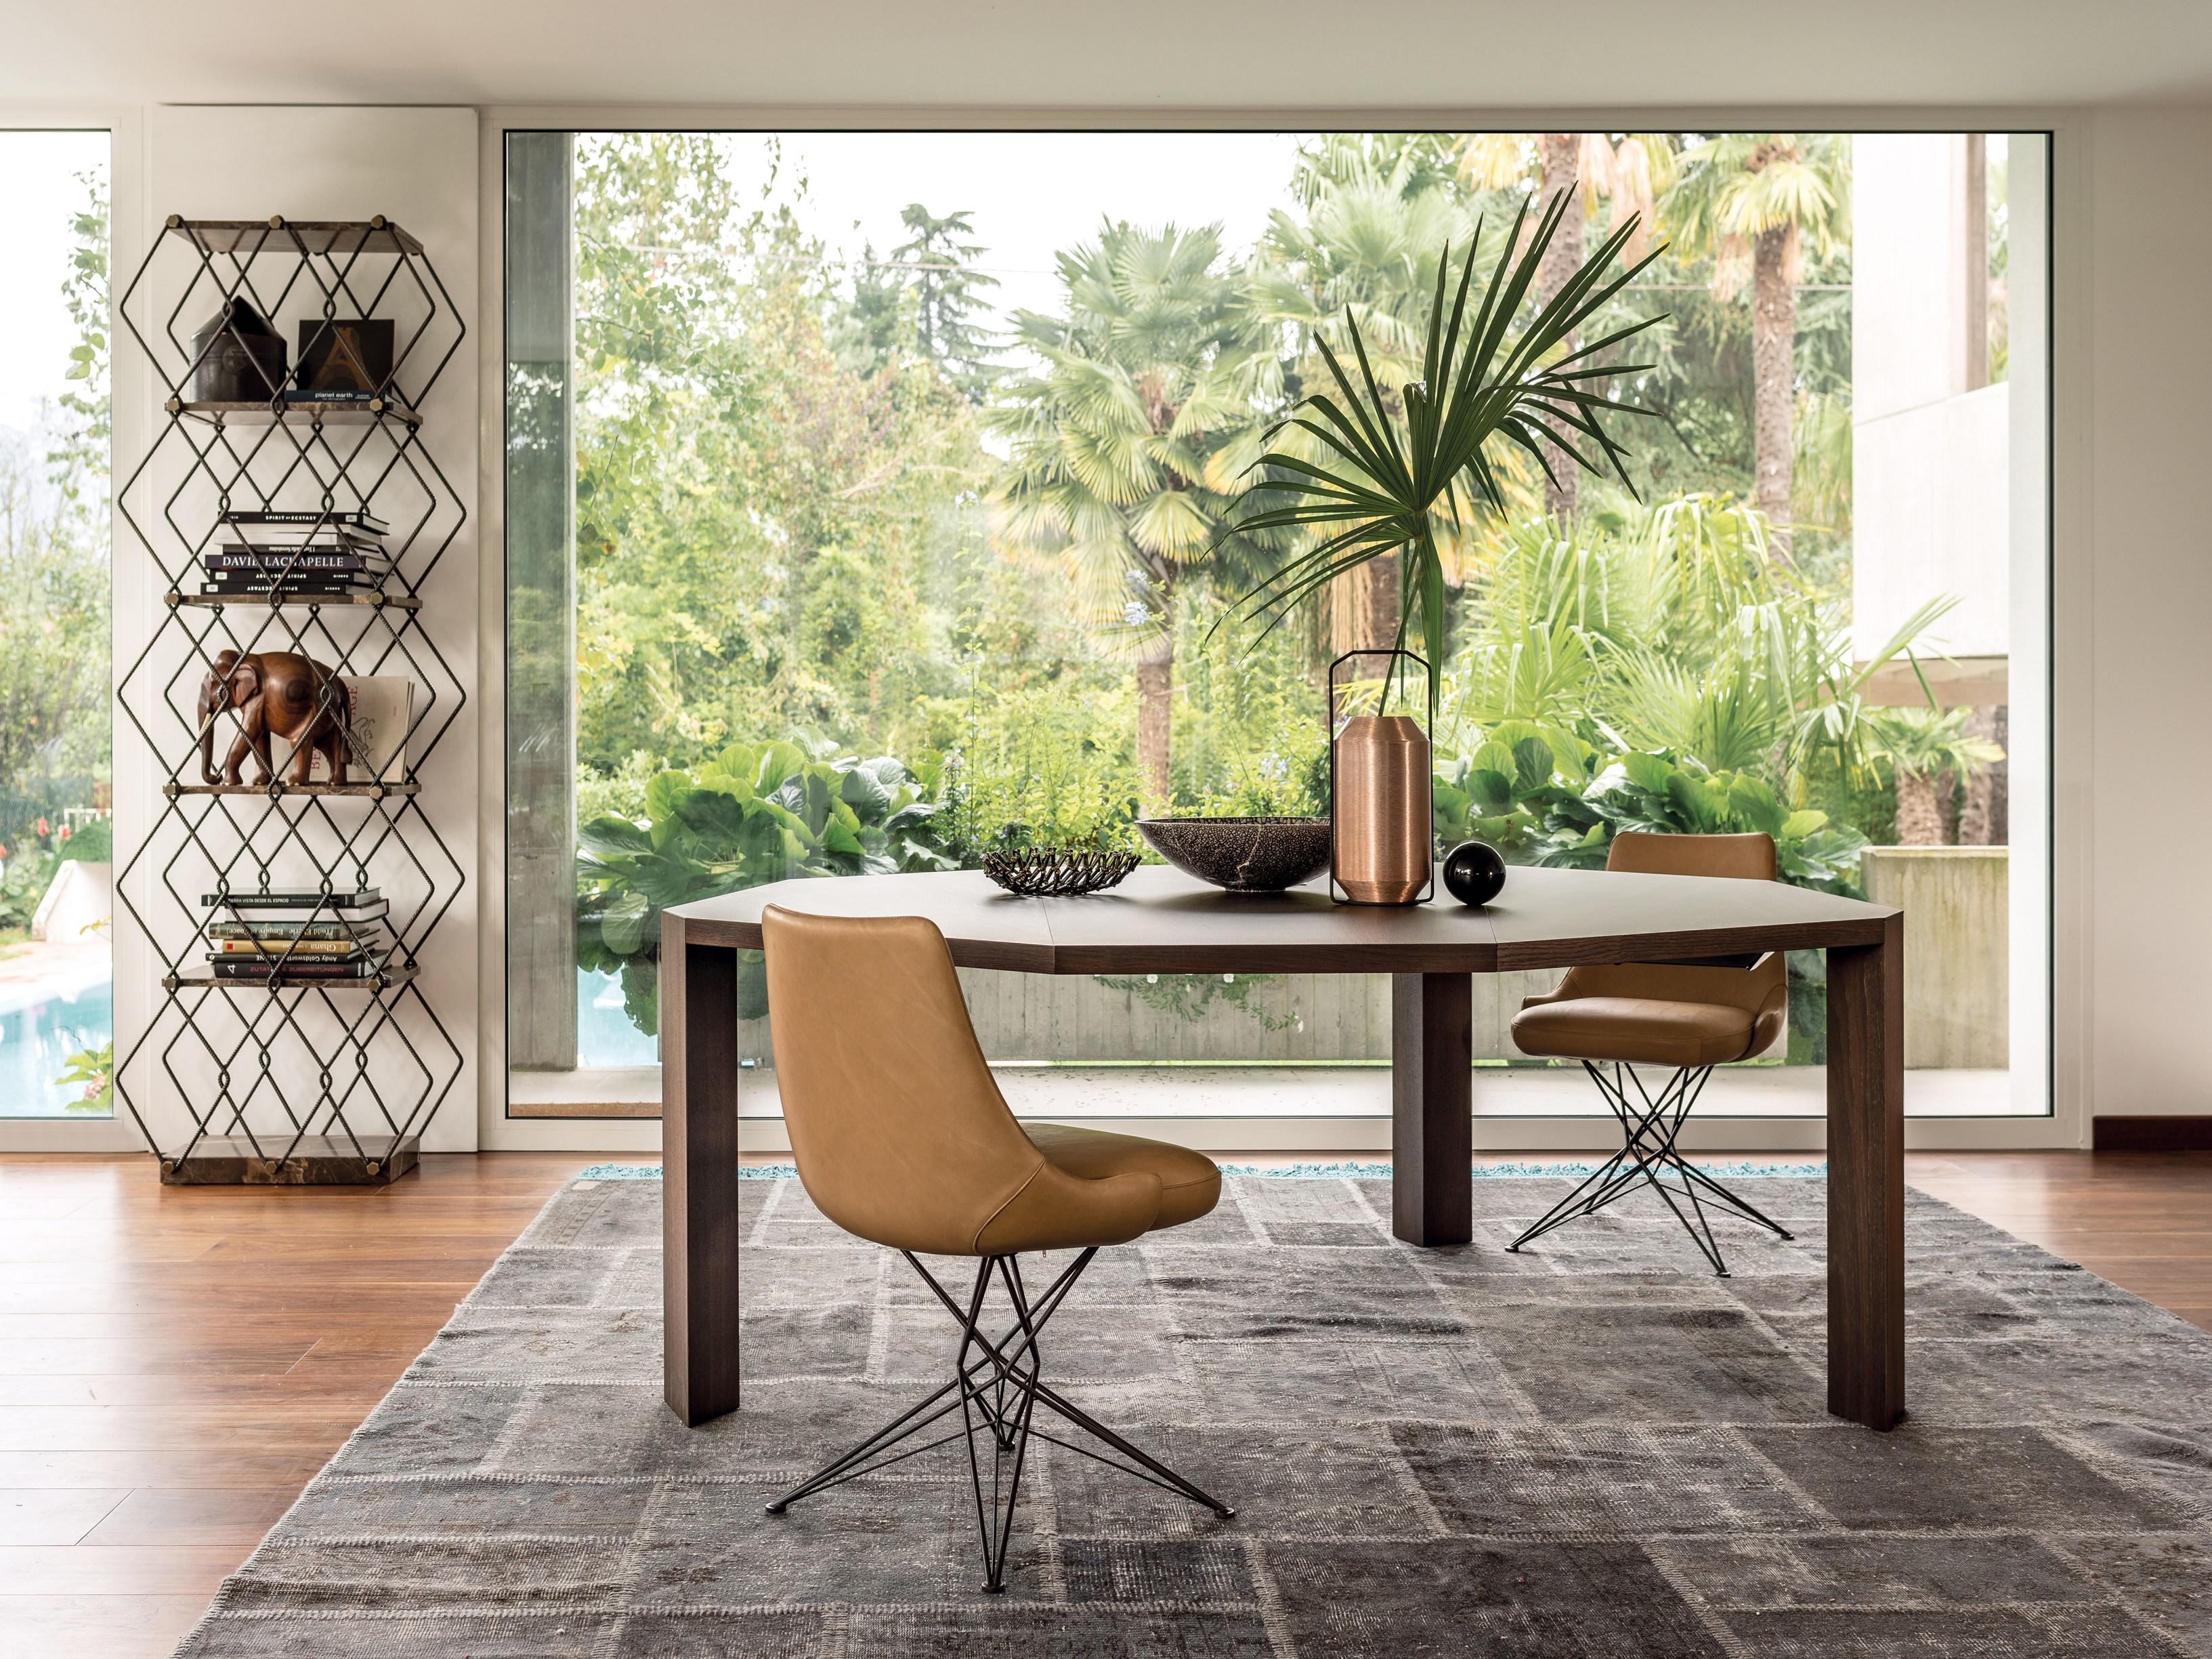 巴托丽设计 Bartoli Design| Jig XXL Jig XXL